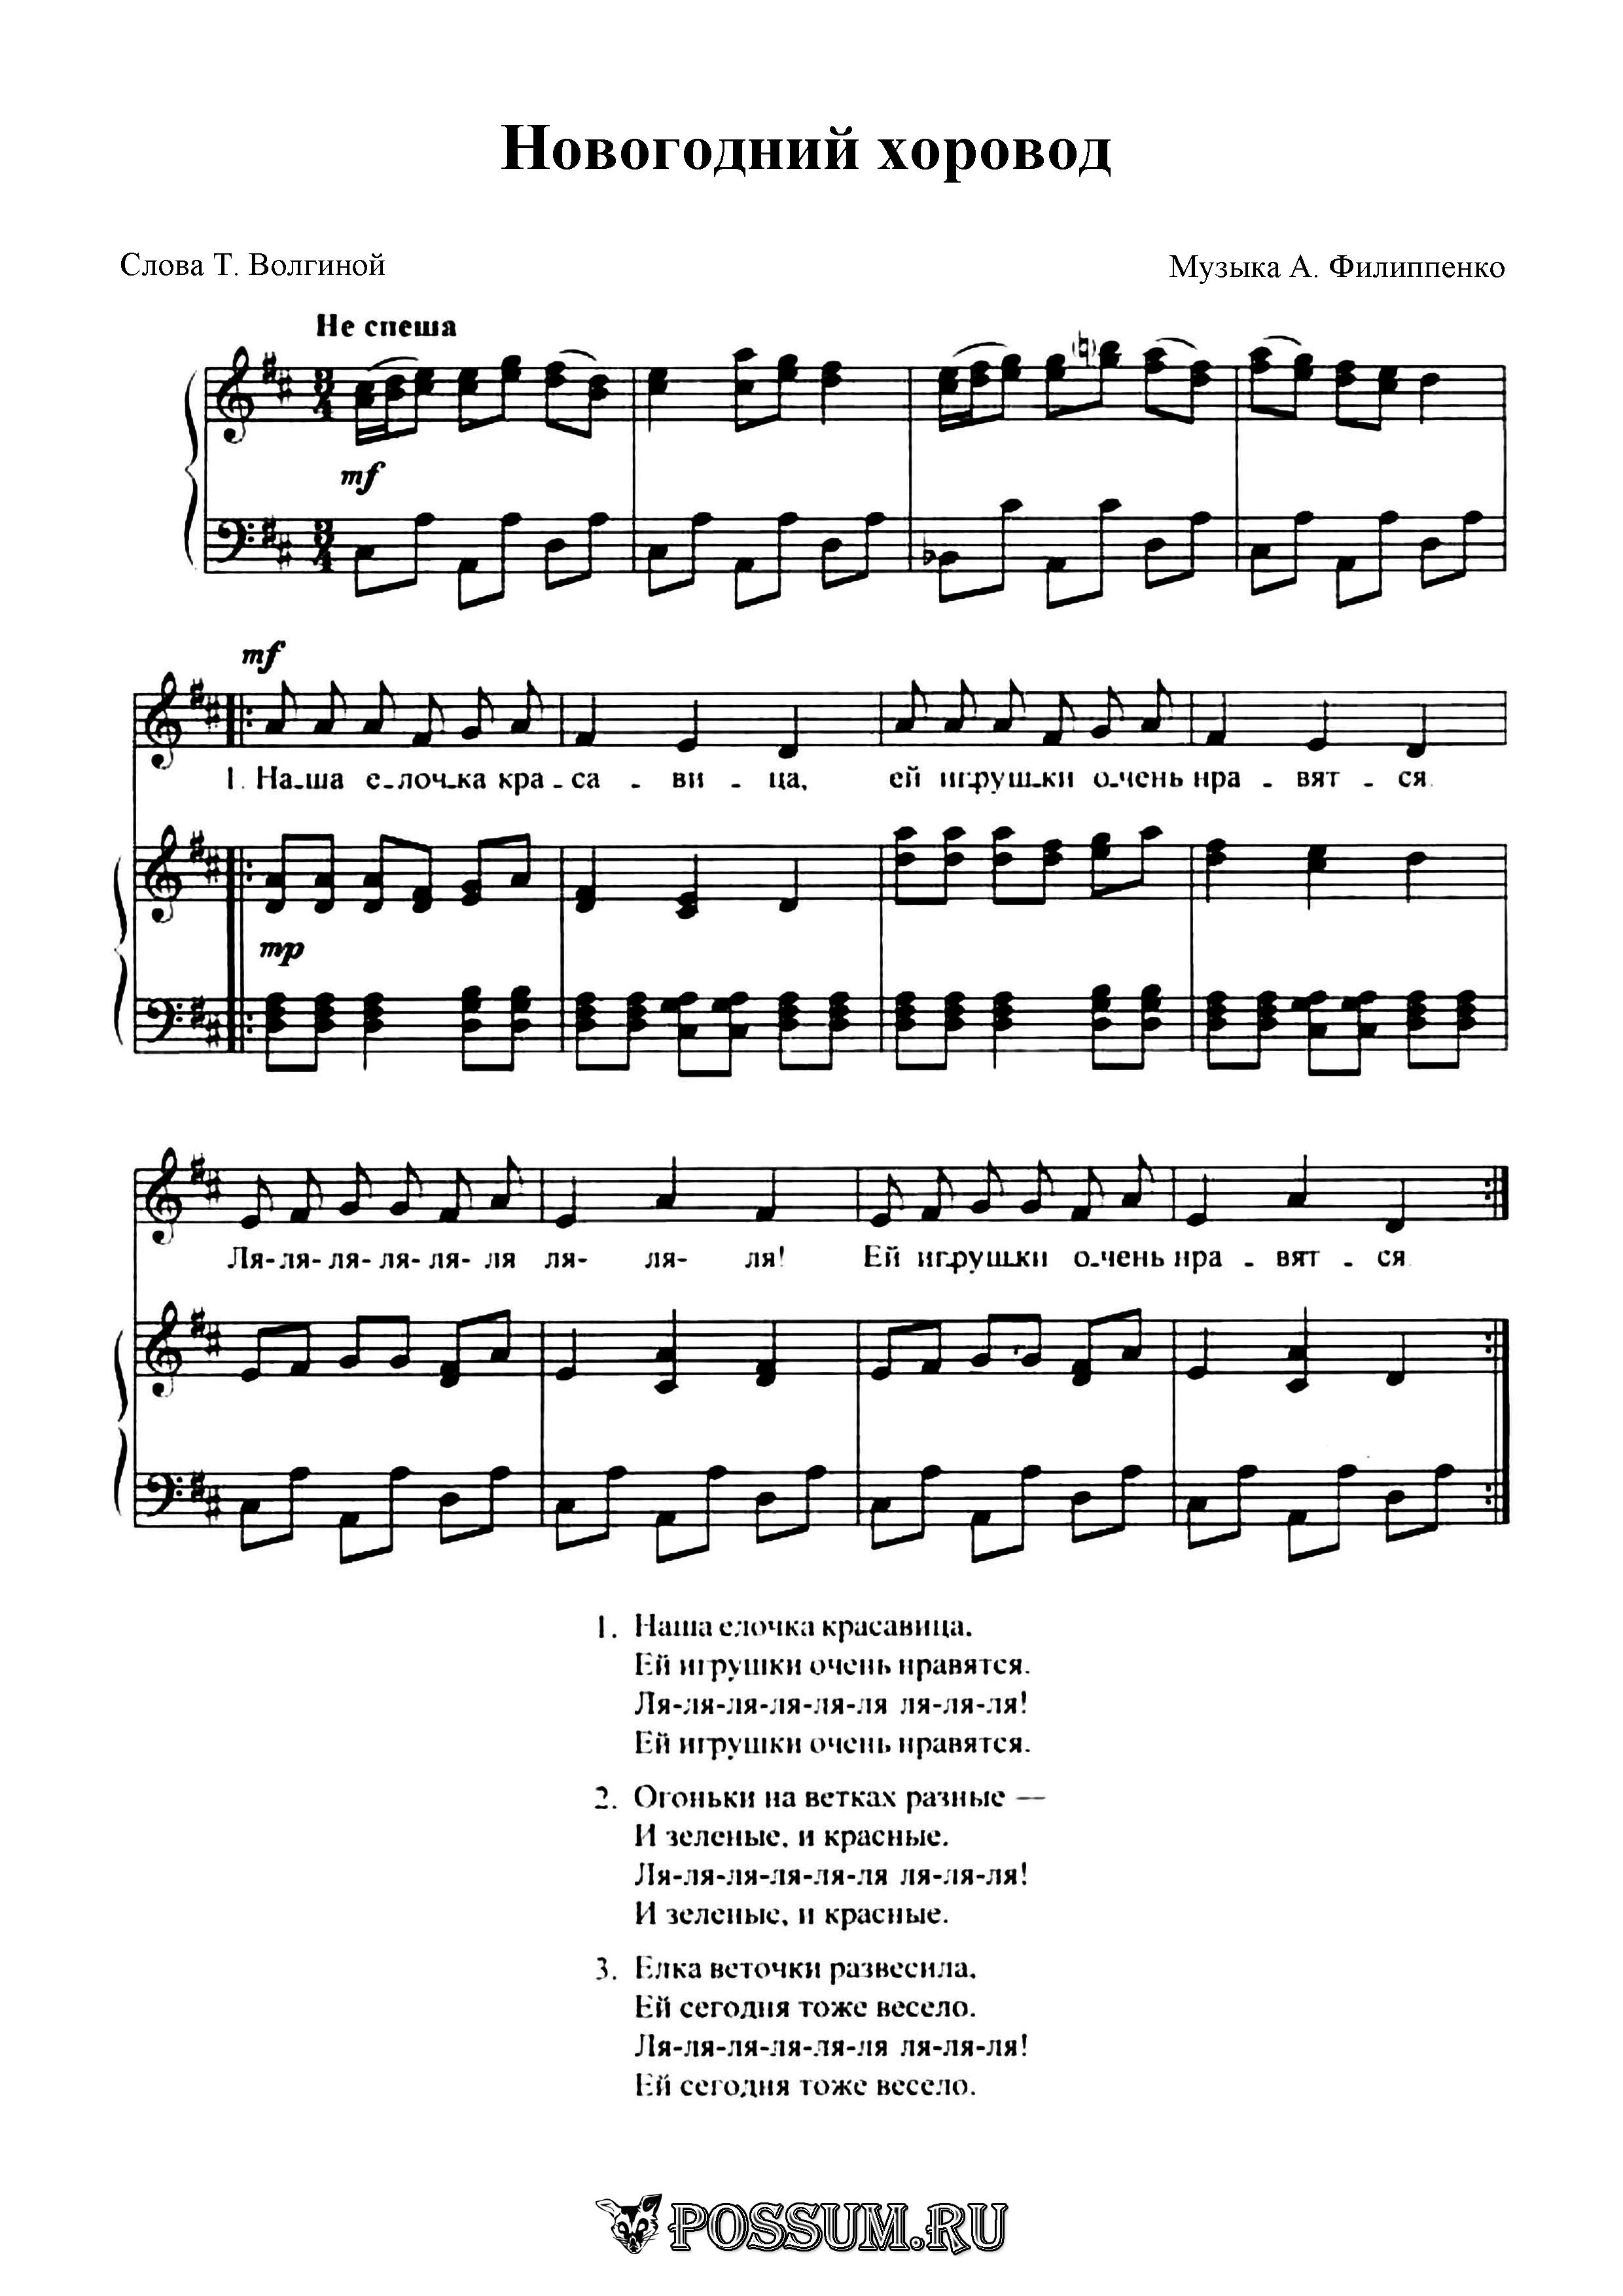 Новогодние песни и хороводы